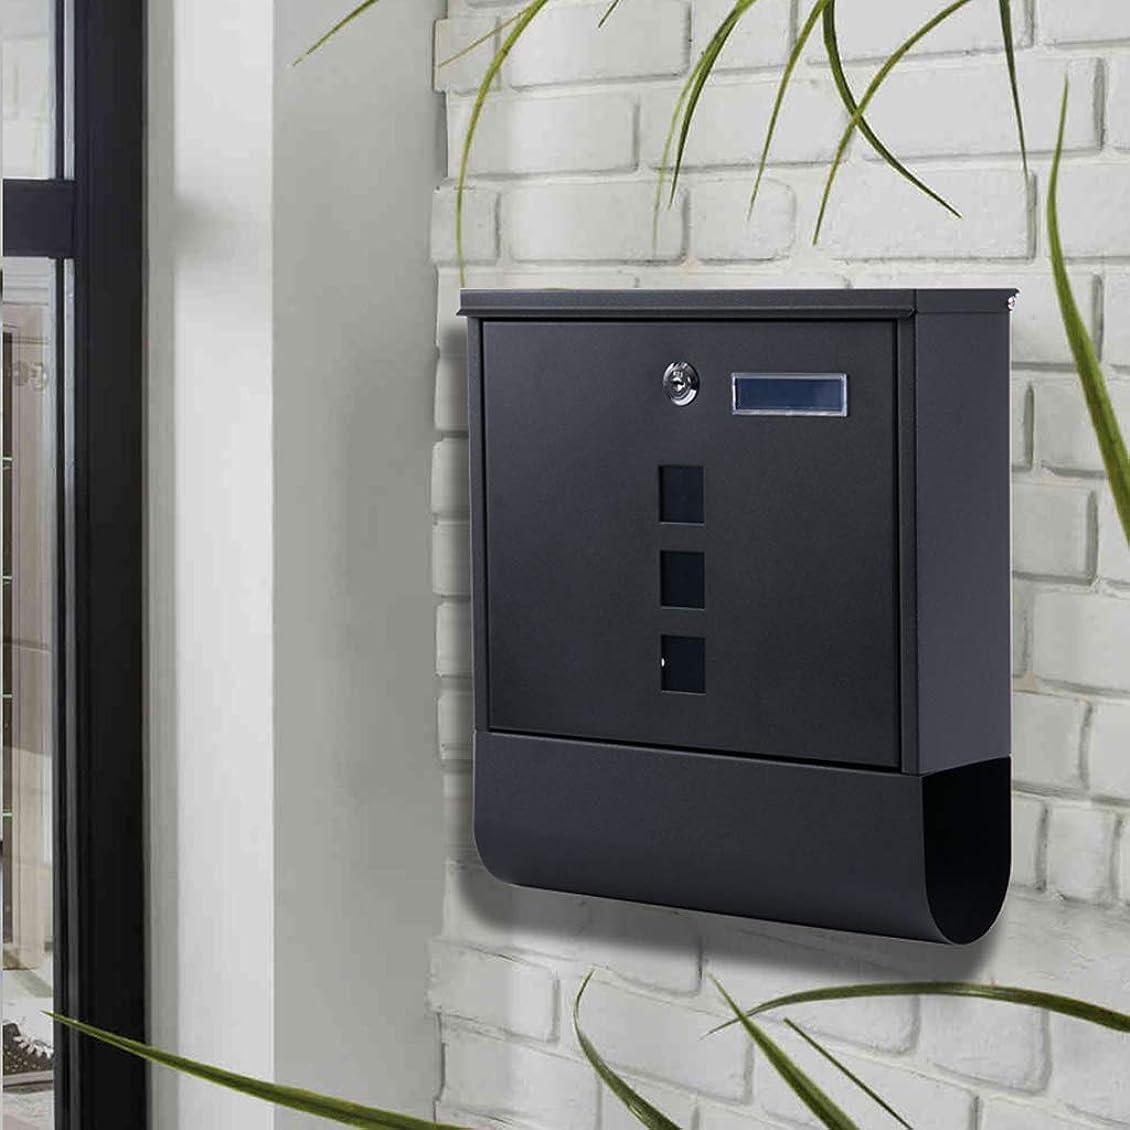 ハリケーン自動的にエリートレターボックス、屋外の別荘、外壁、鍵、雨防止ポストボックス、ポストボックス、雑誌の提案ボックス、黒。 屋外セキュリティメールボックス